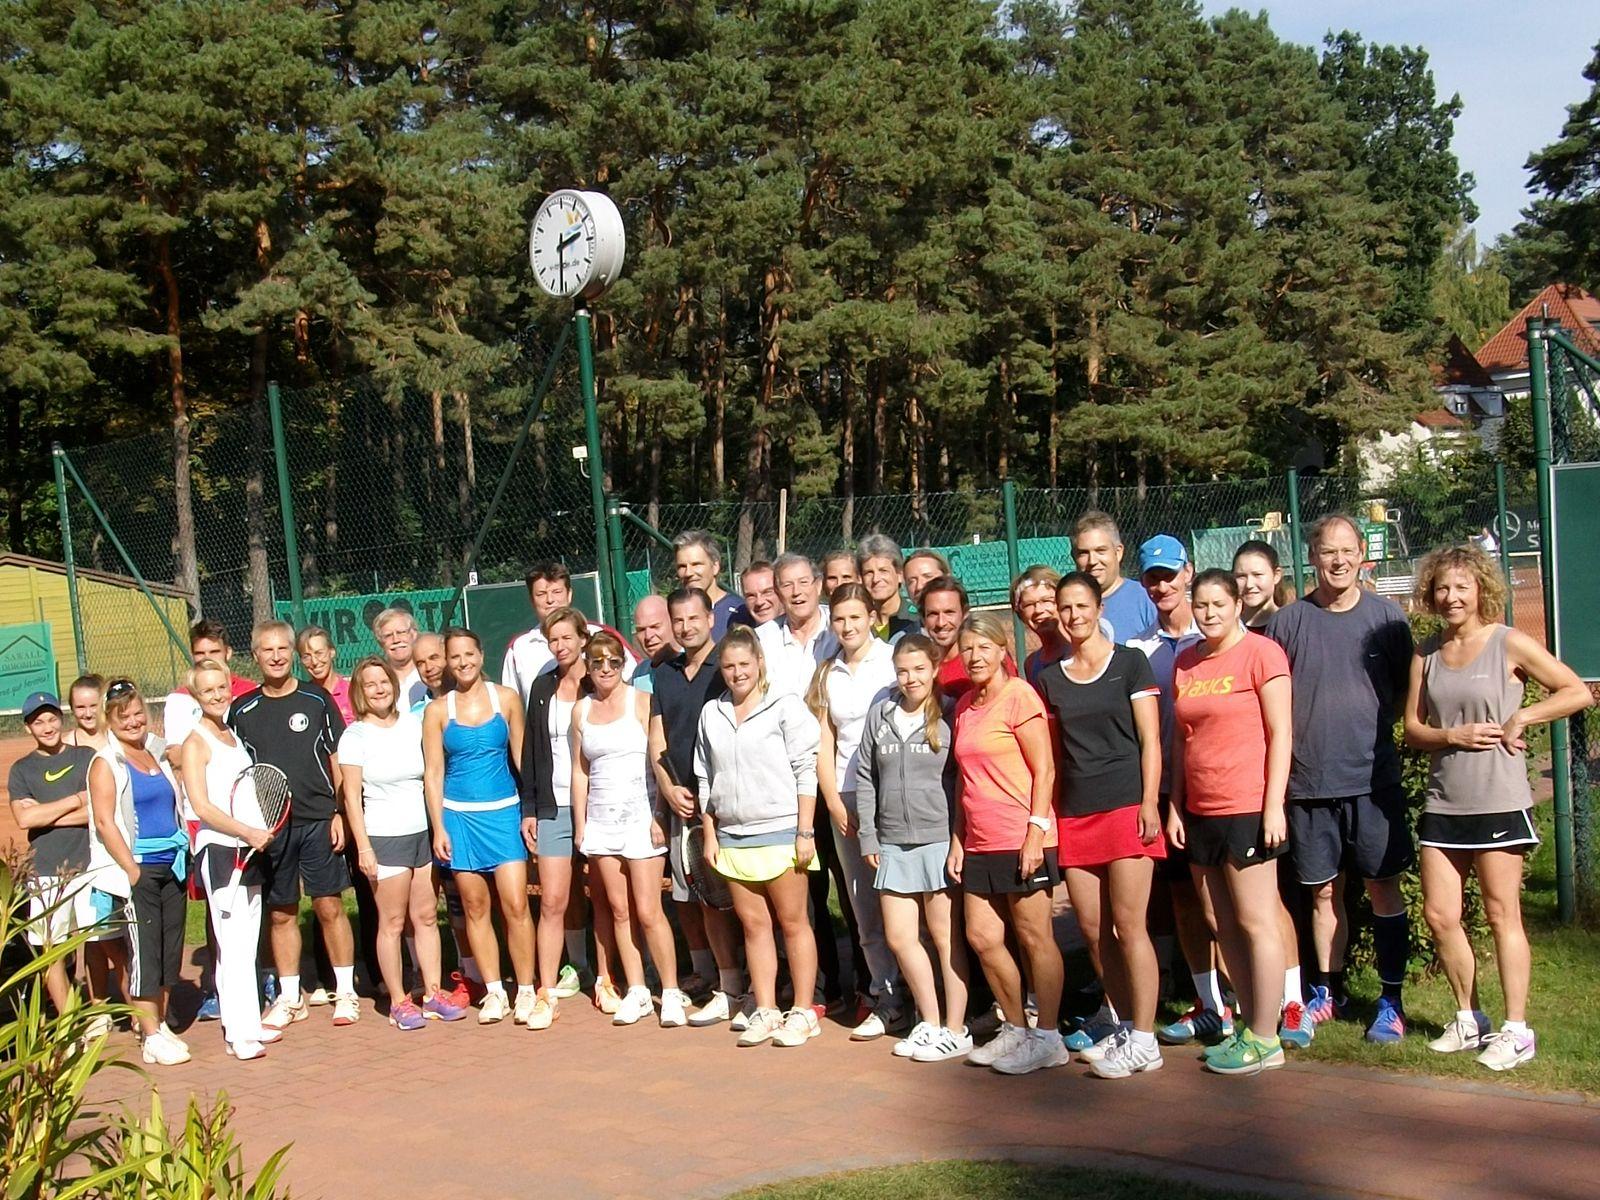 Teilnehmer eines Mixed-Turniers